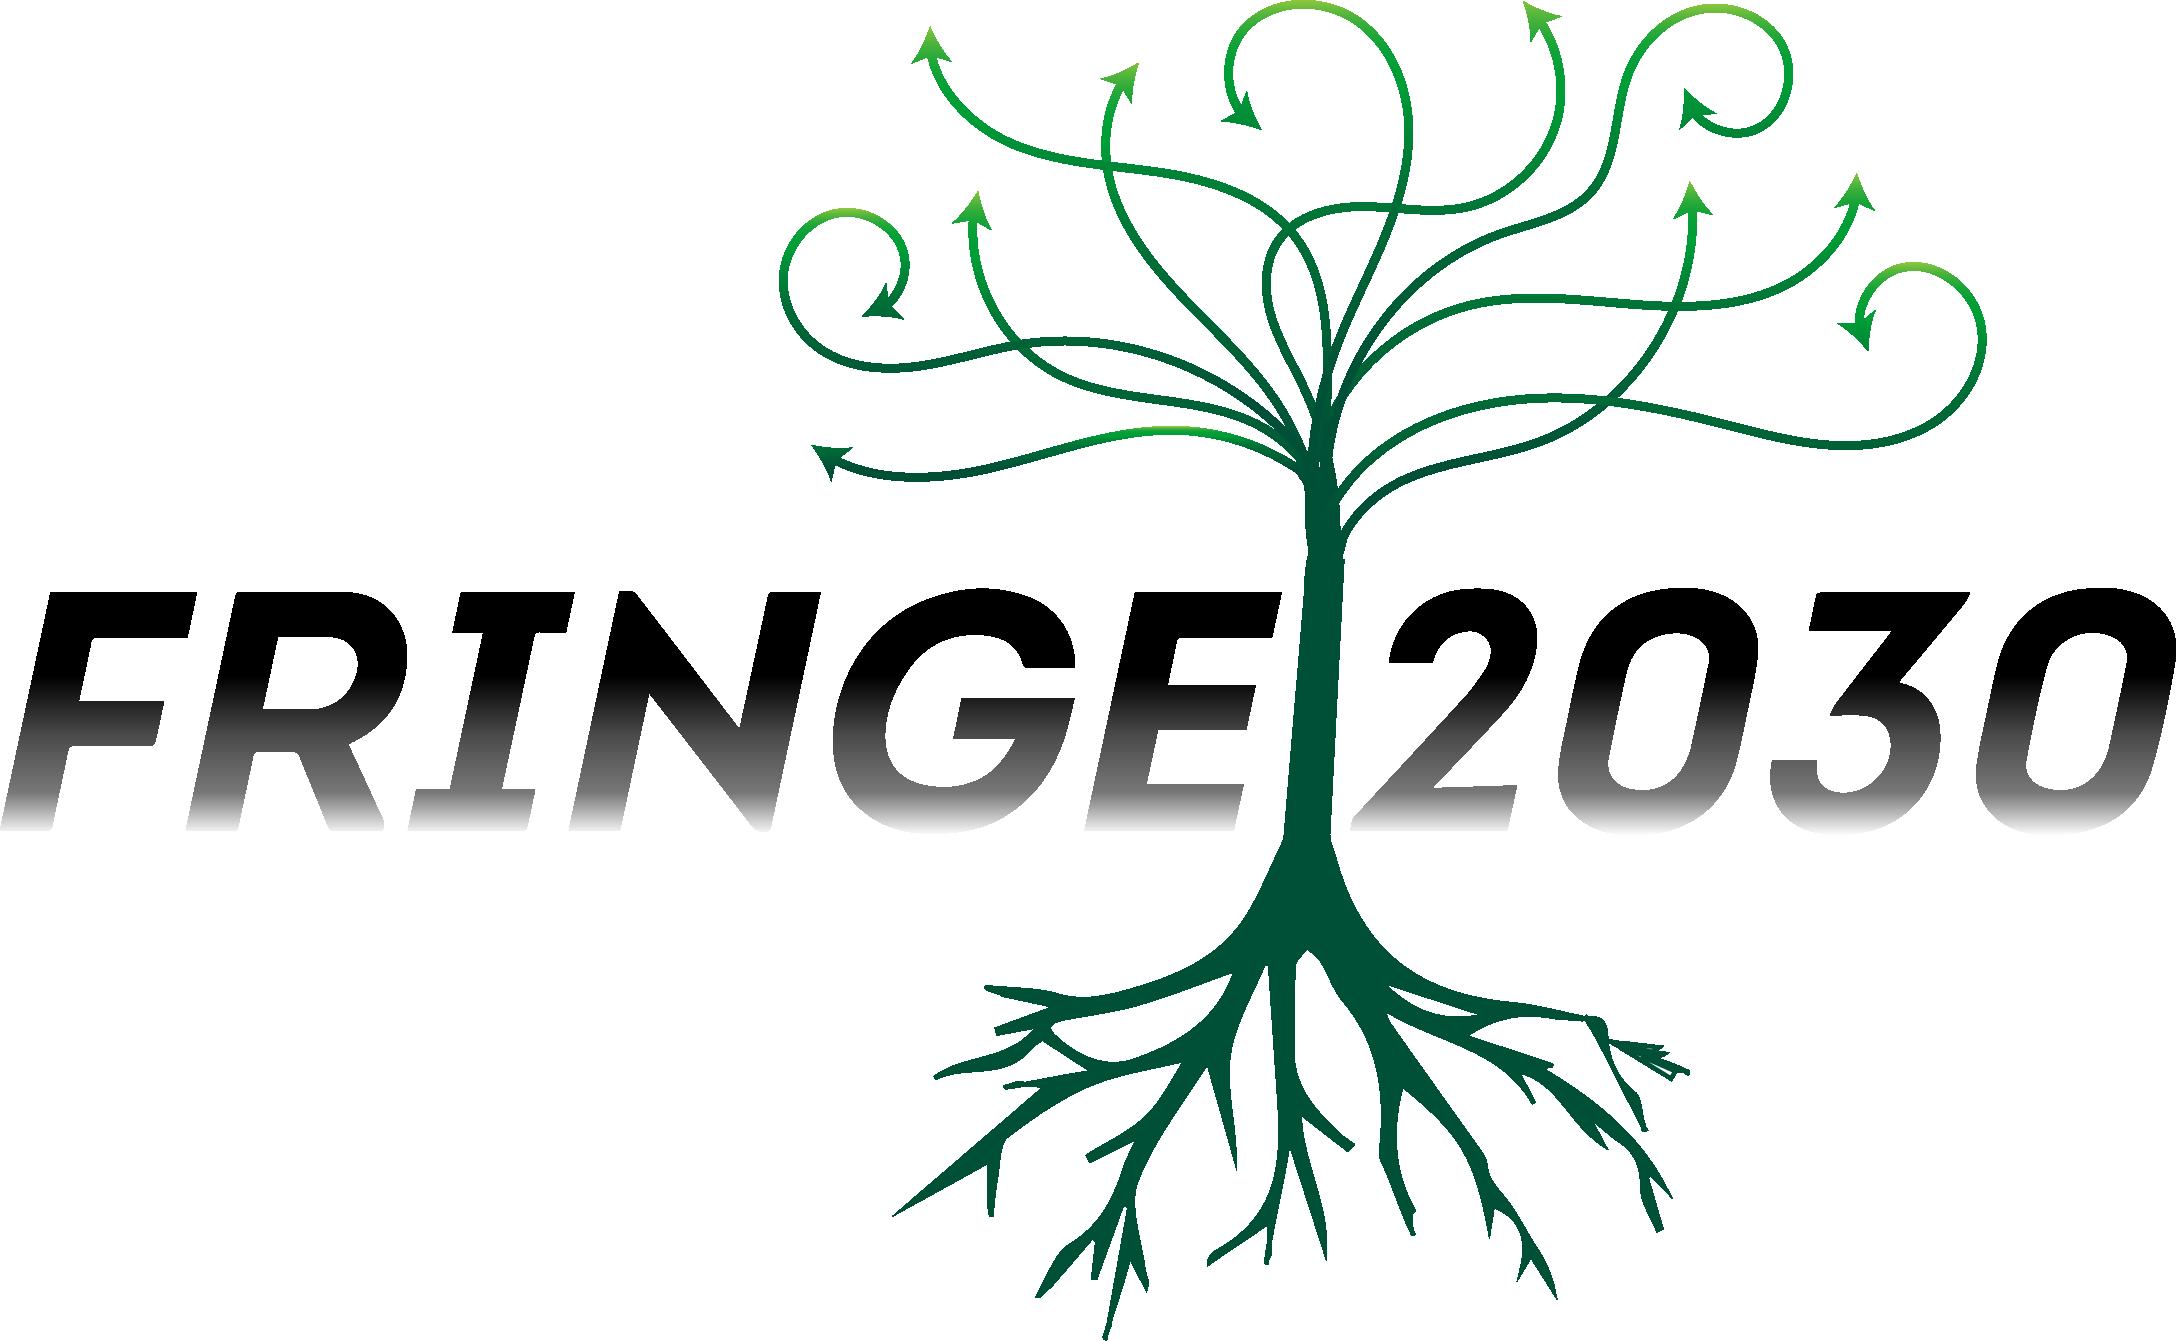 Fringe2030.png